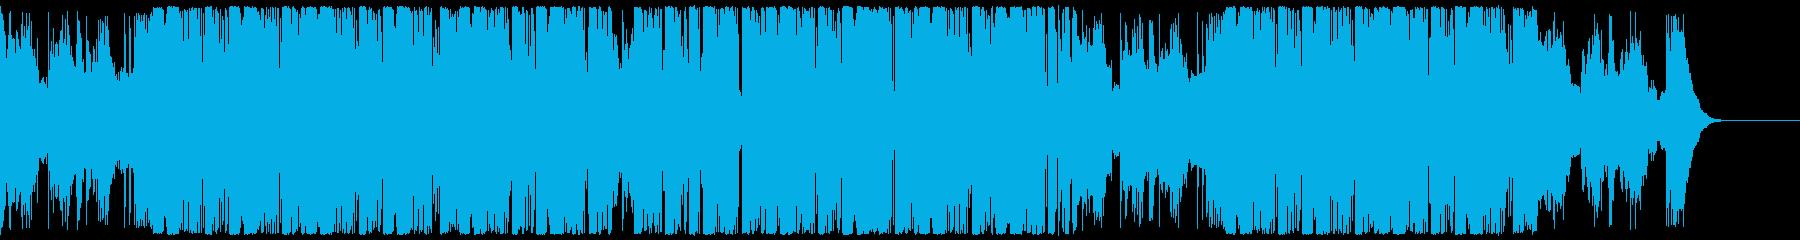 キラキラと爽快なエレクトロCM・企業VPの再生済みの波形